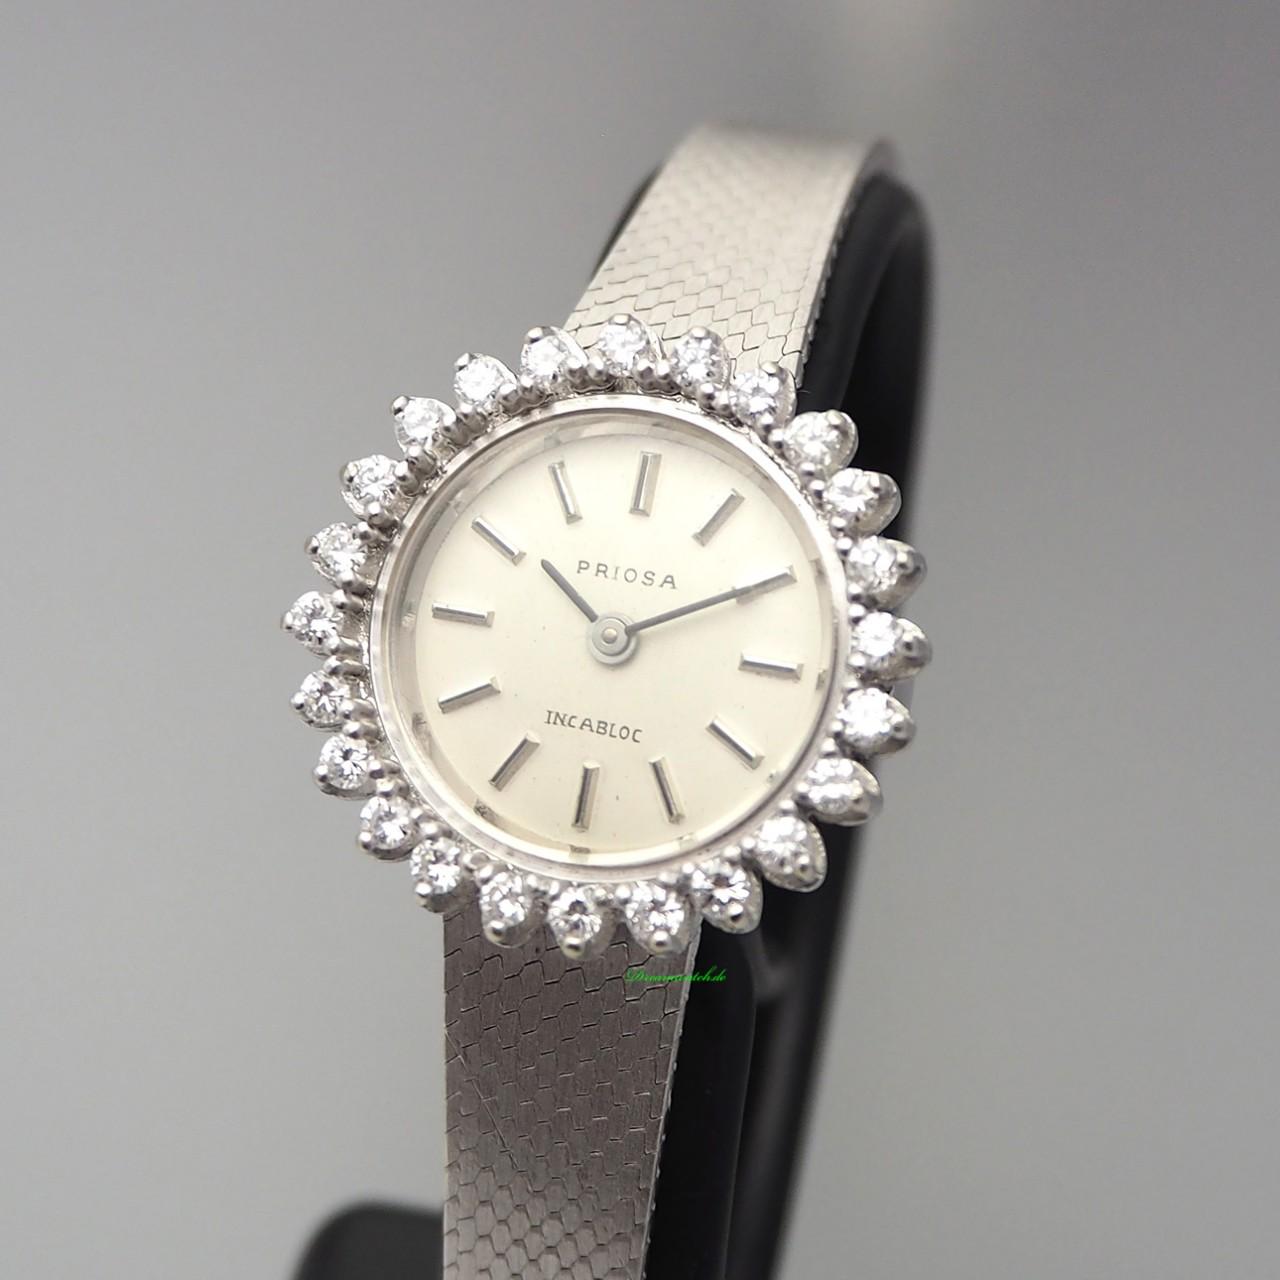 Priosa Vintage Schmuck-Uhr Diamant, Handaufzug, WG 14k/585